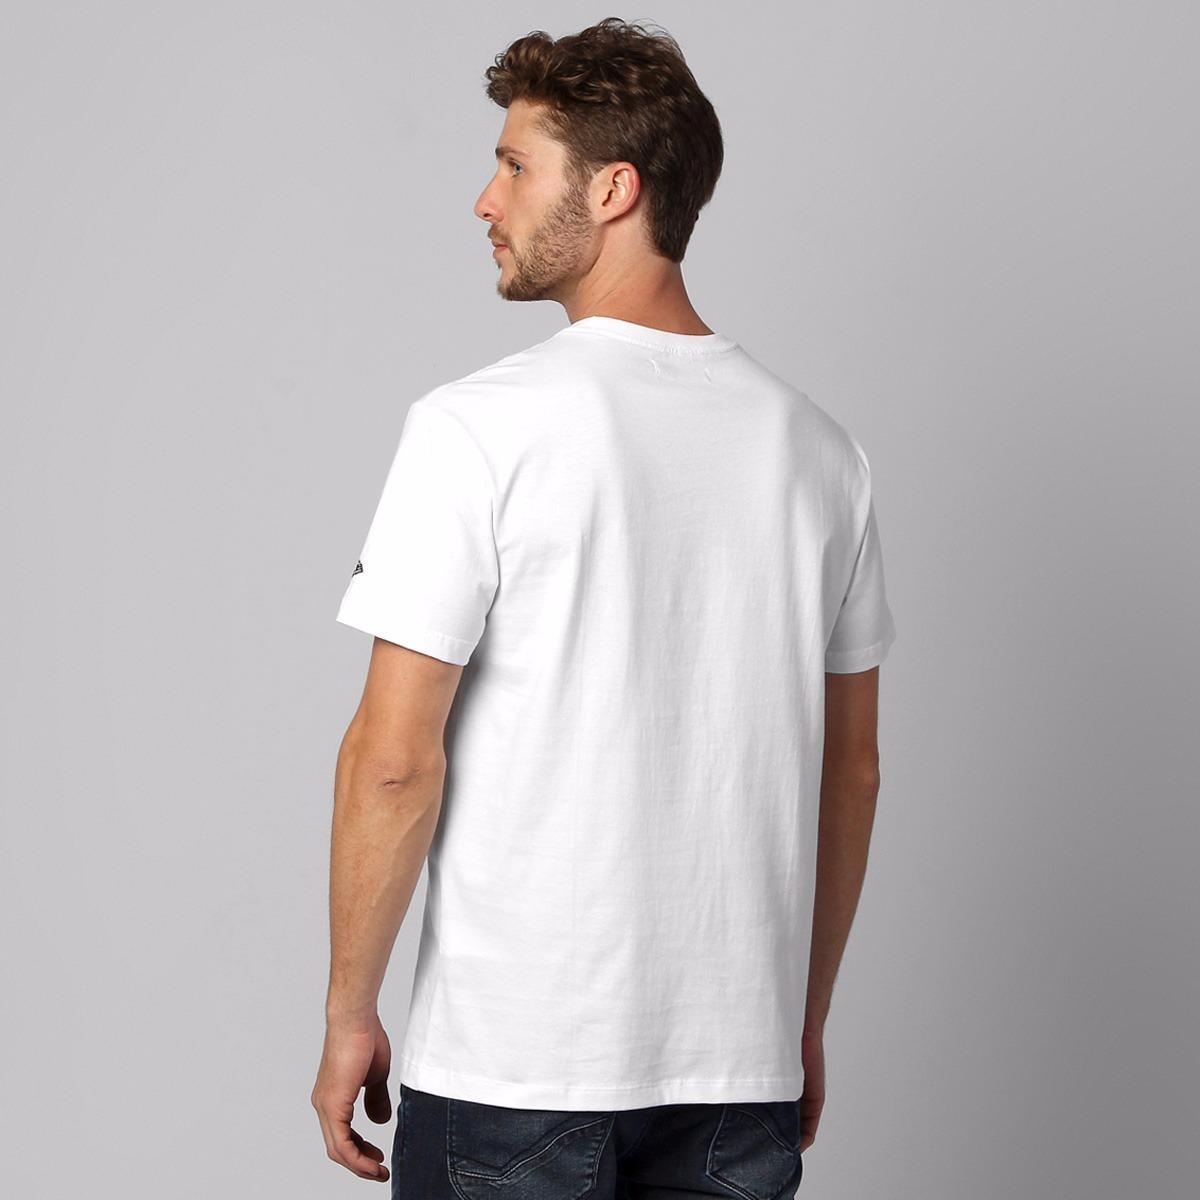 cc5d20a054b7b Carregando zoom... promoção! camiseta new era - mlb chicago white sox ...